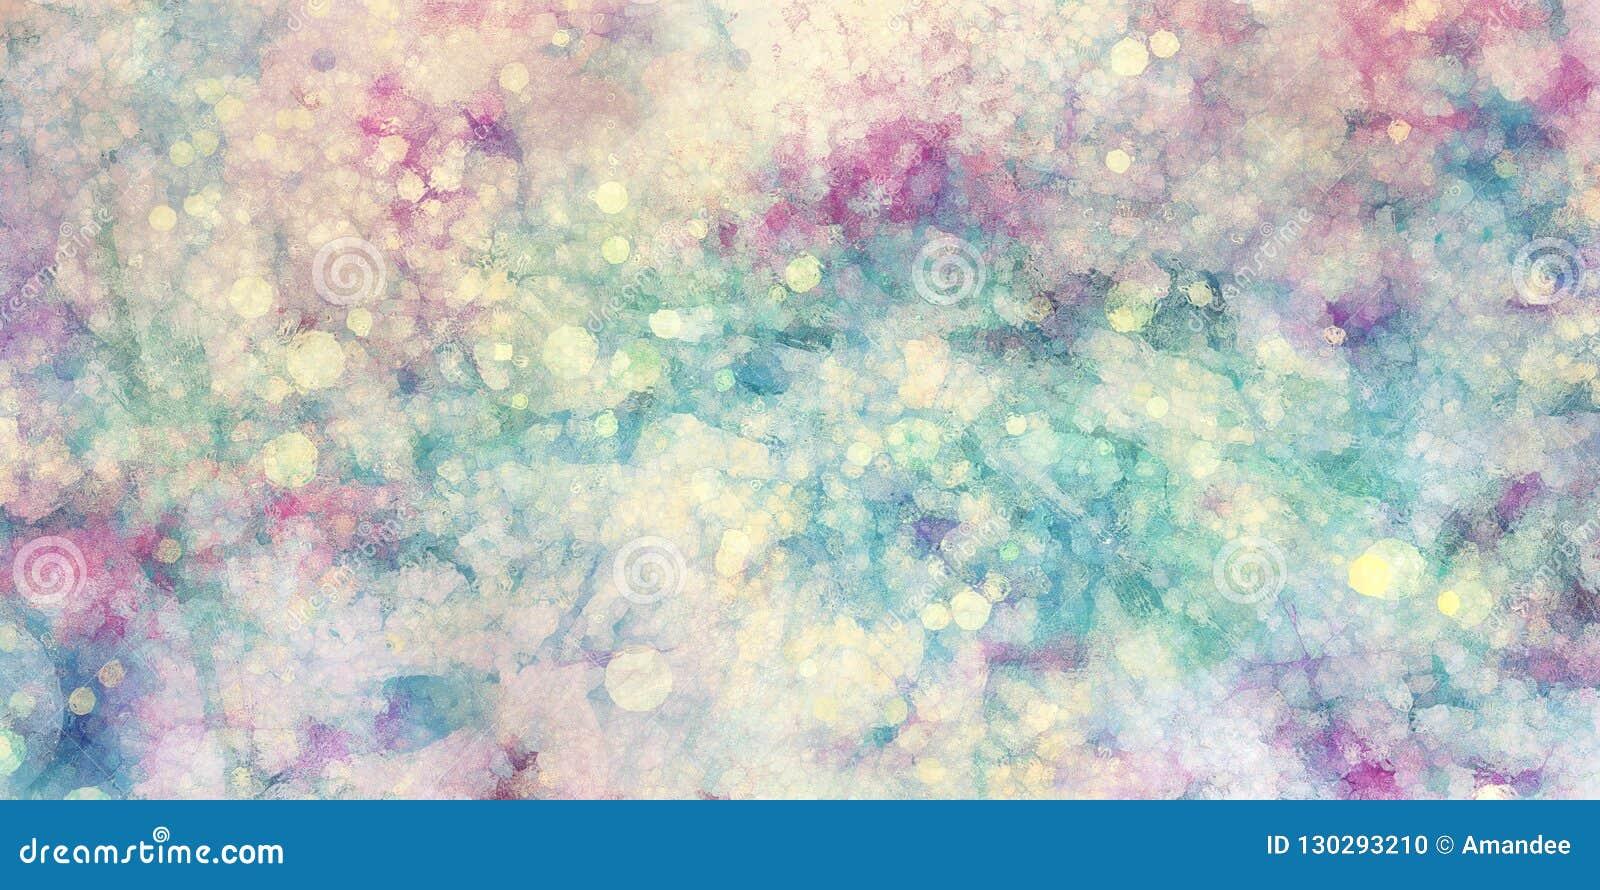 Fundo azul roxo do verde do rosa e o branco com as luzes de vidro da textura e do bokeh borradas em cores macias